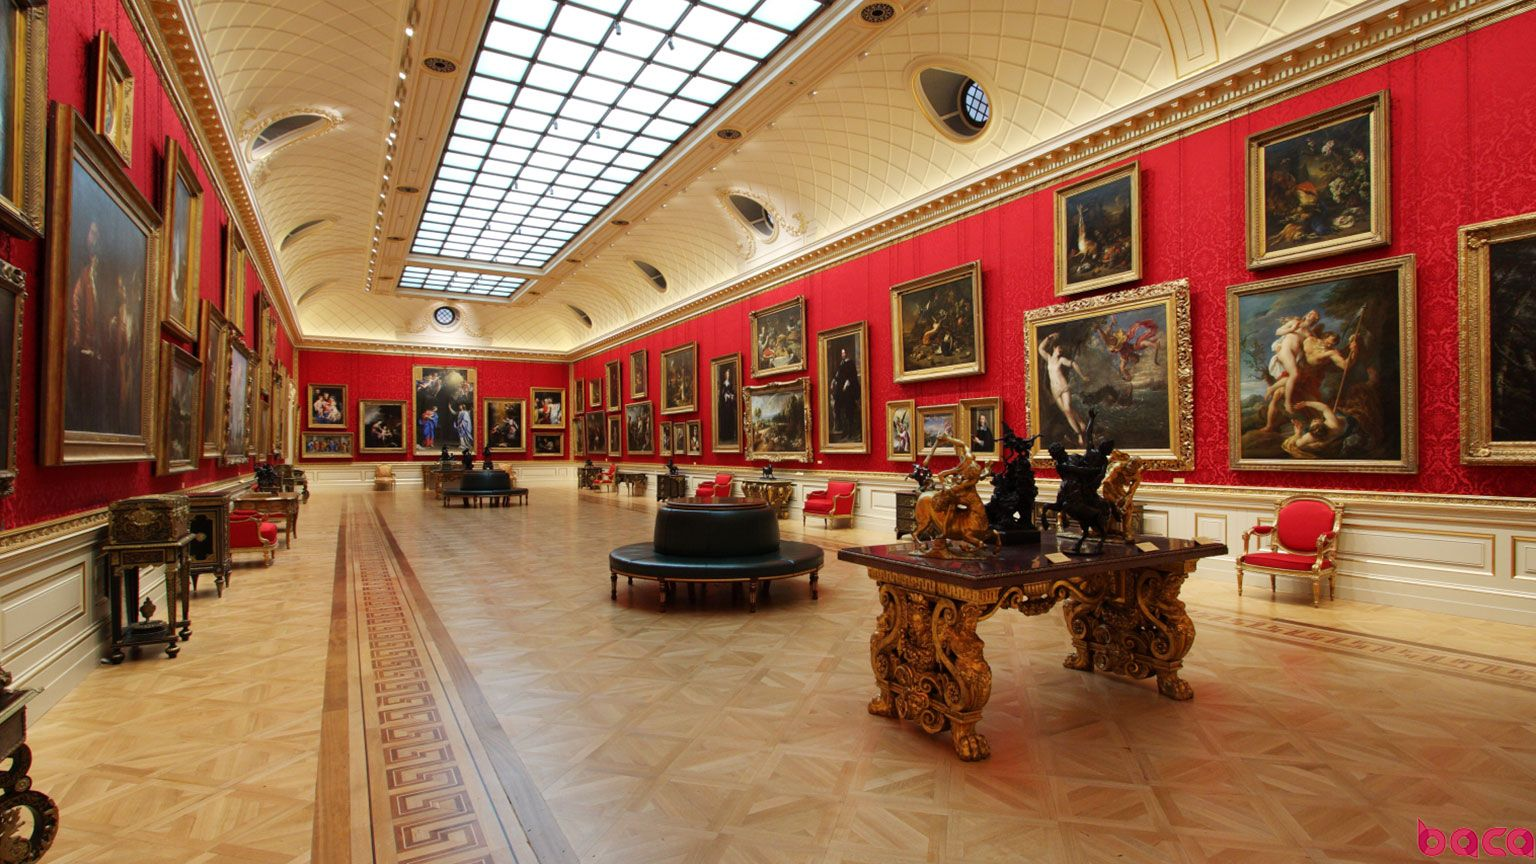 伦敦华莱士收藏馆 艺术设计预科英国